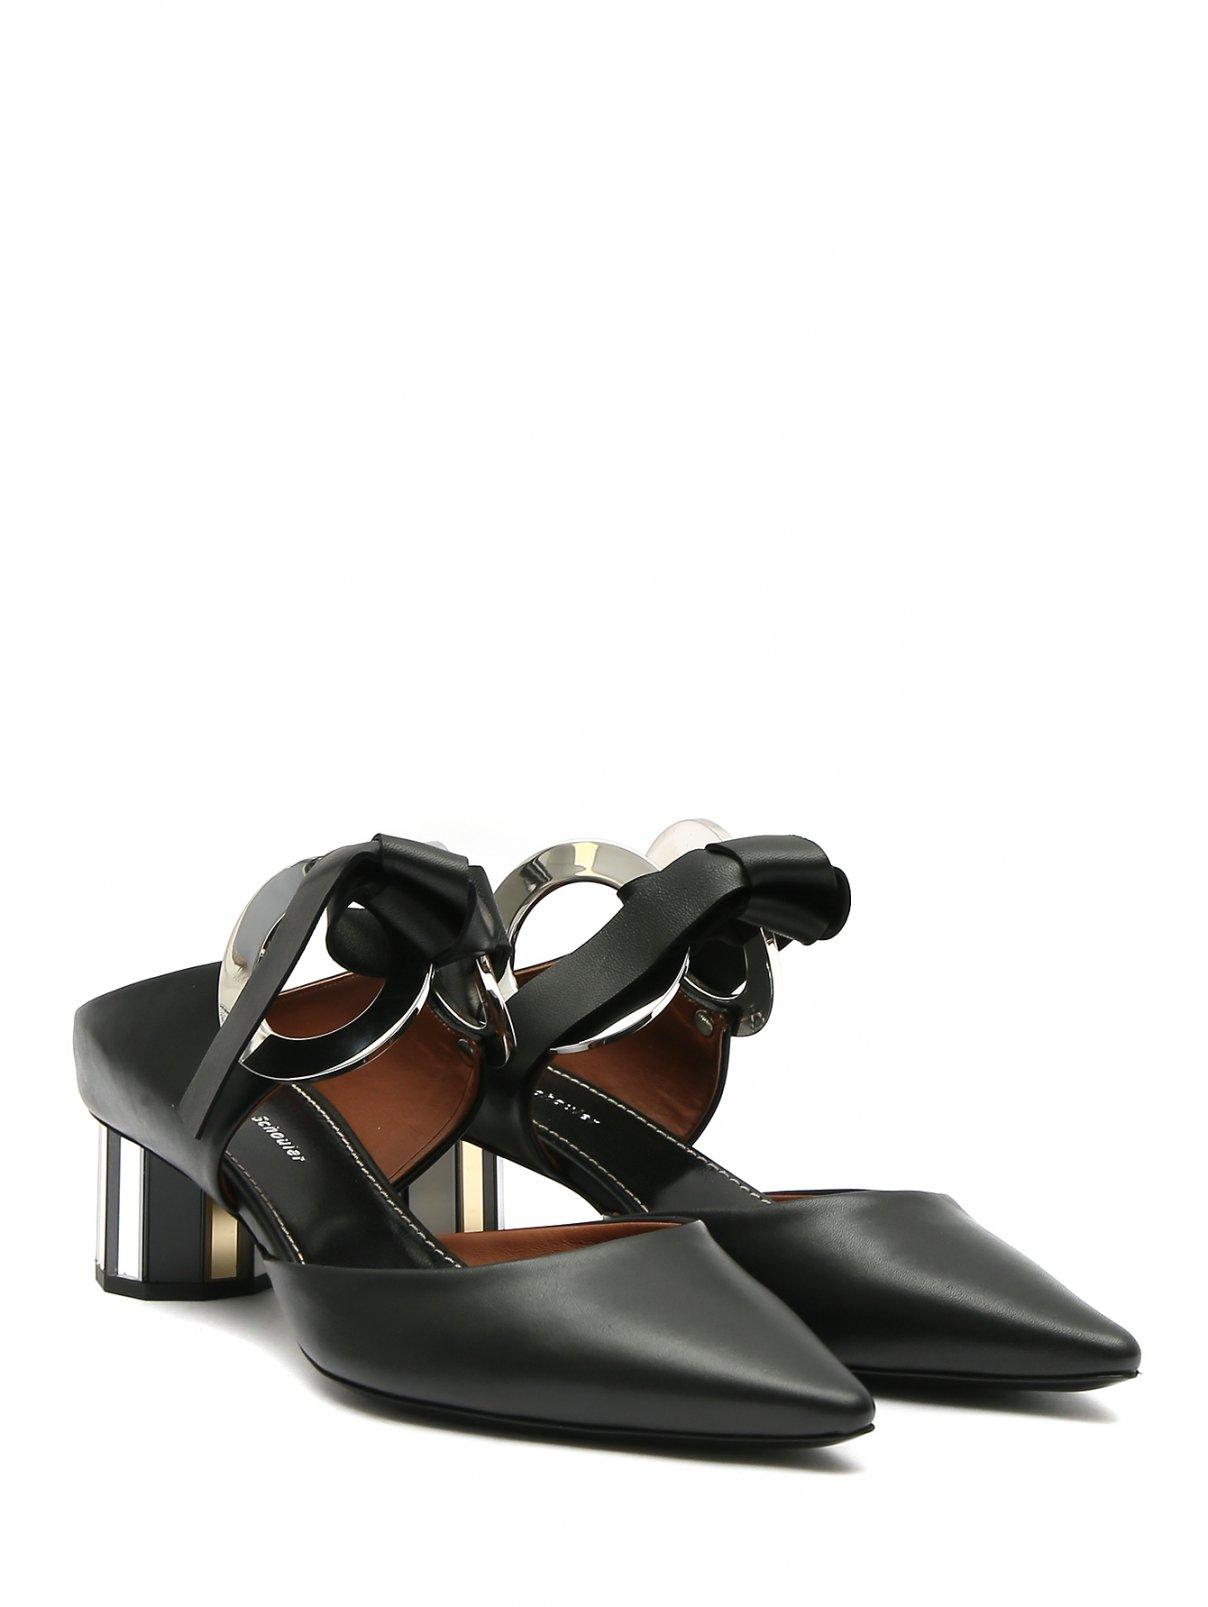 Мули на зеркальном каблуке с металлическим декором Proenza Schouler  –  Общий вид  – Цвет:  Черный